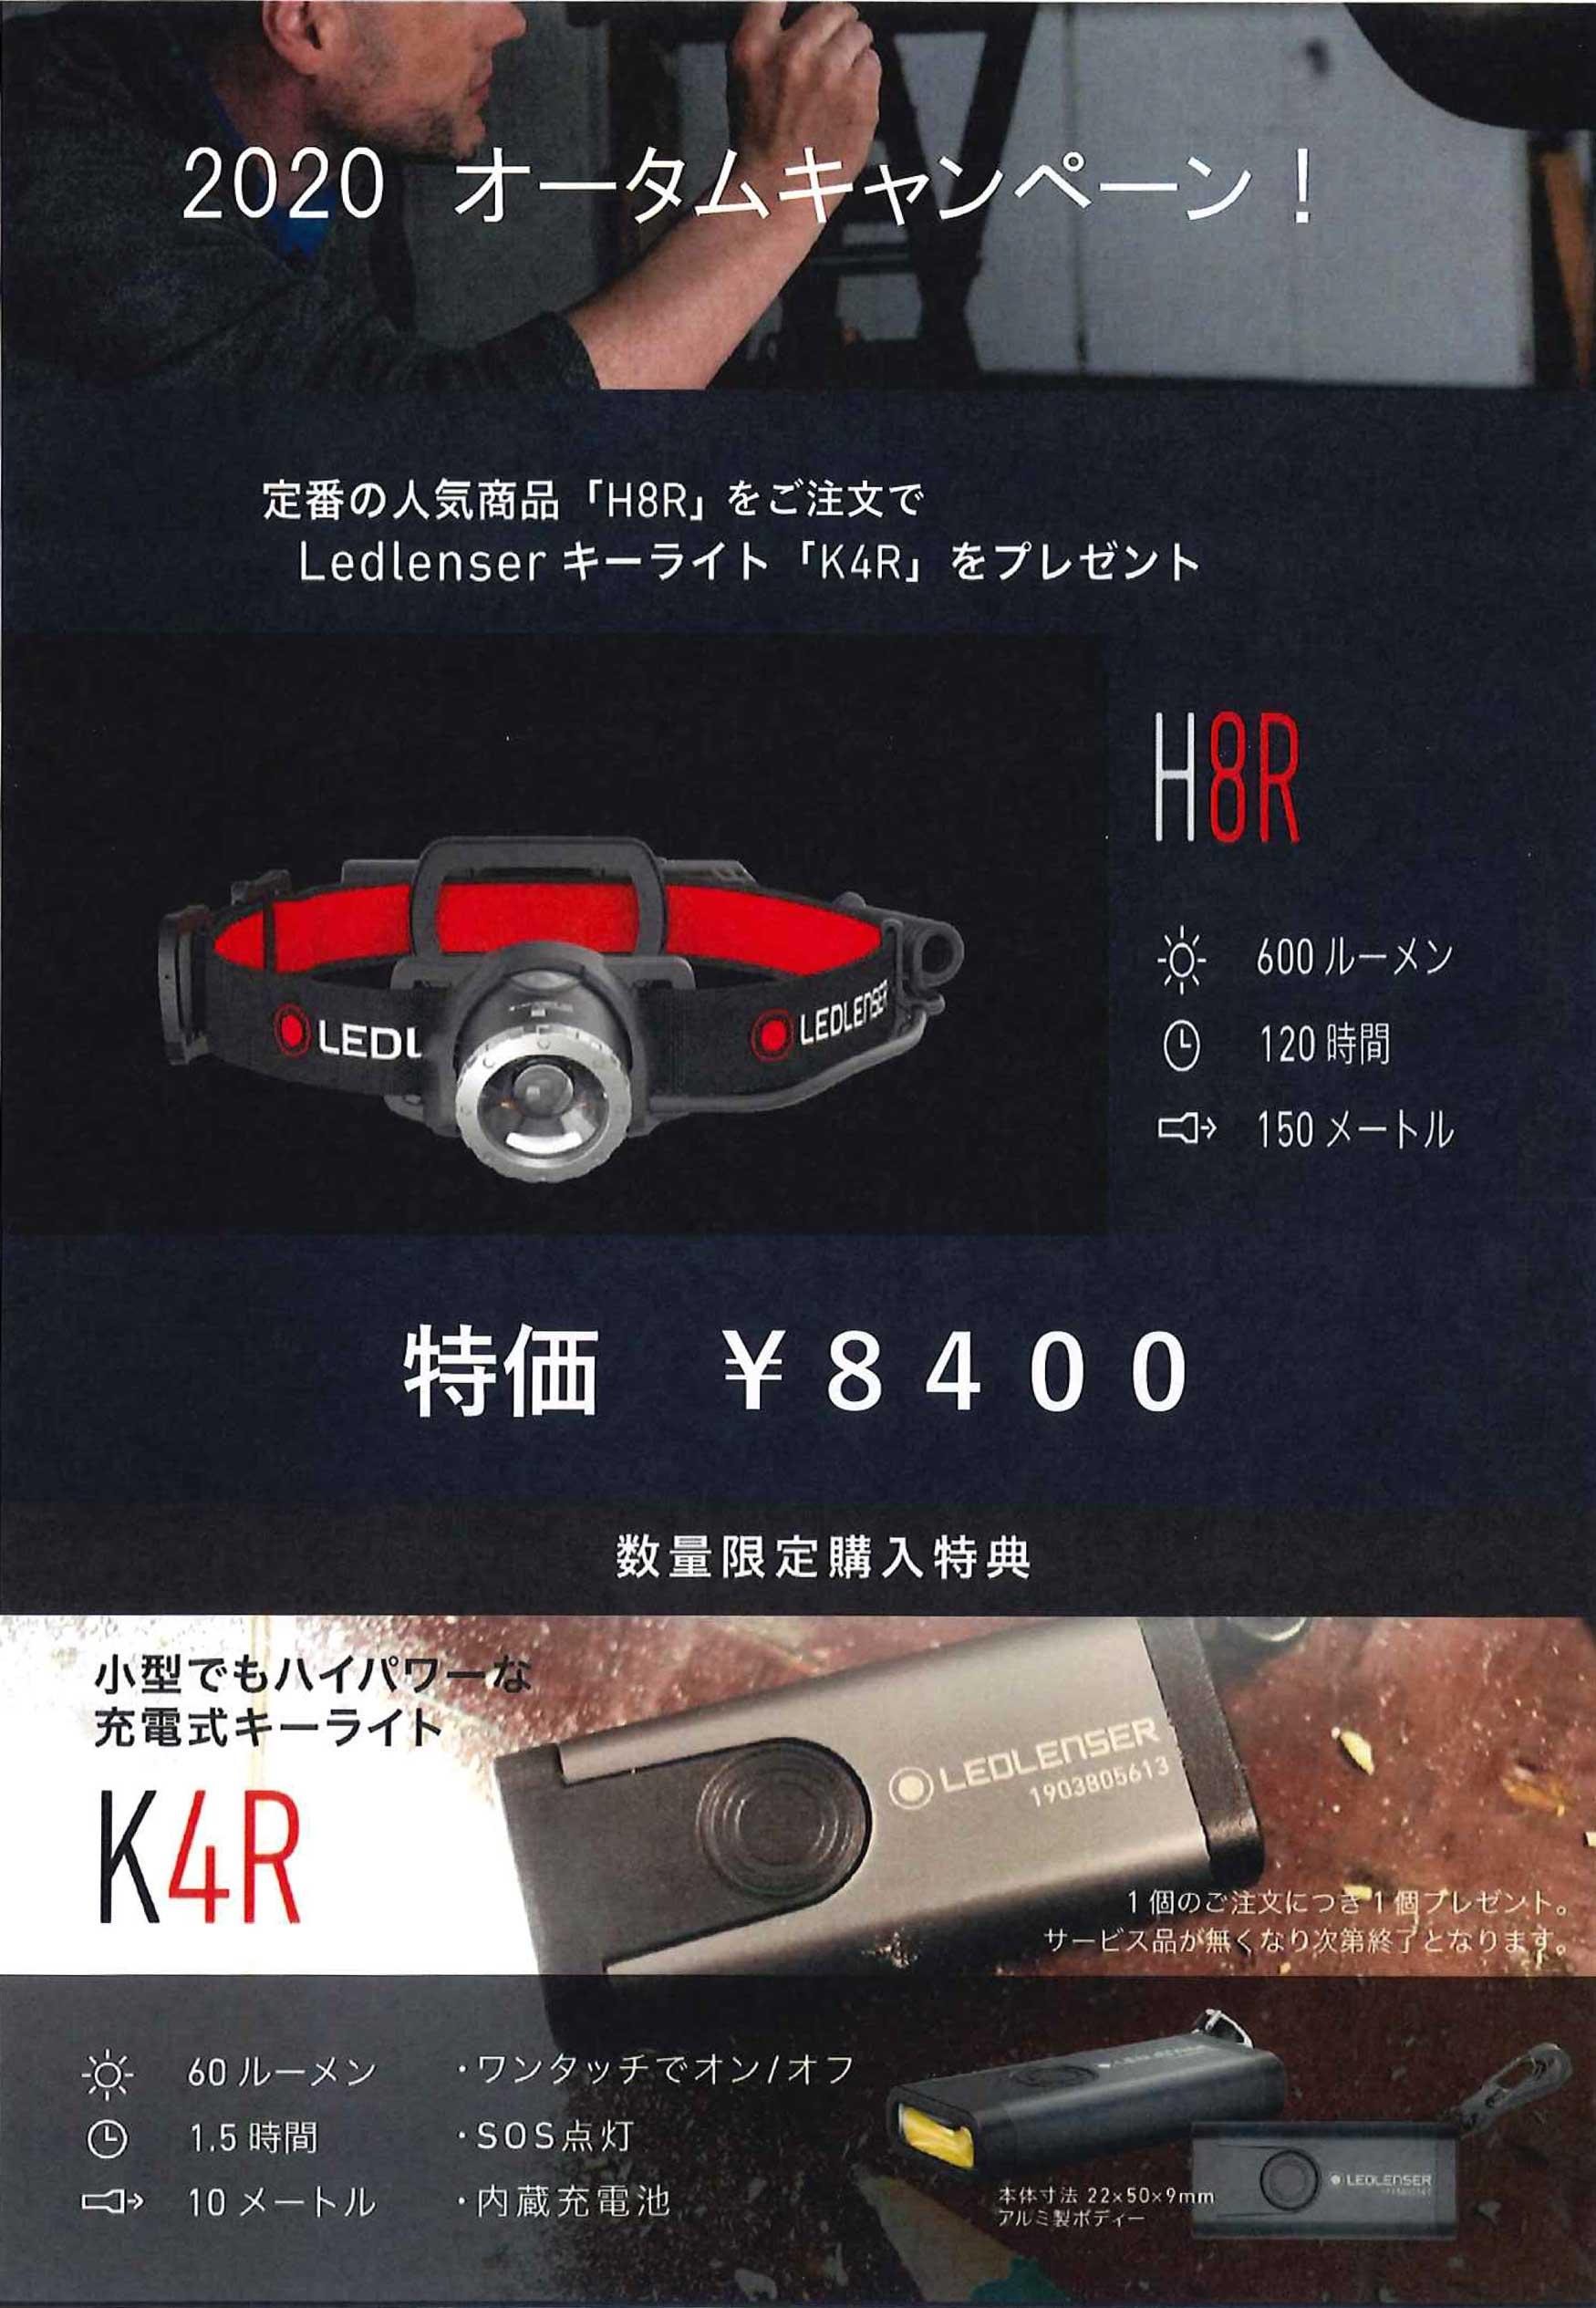 ヘッドライトH8R キャンペーン